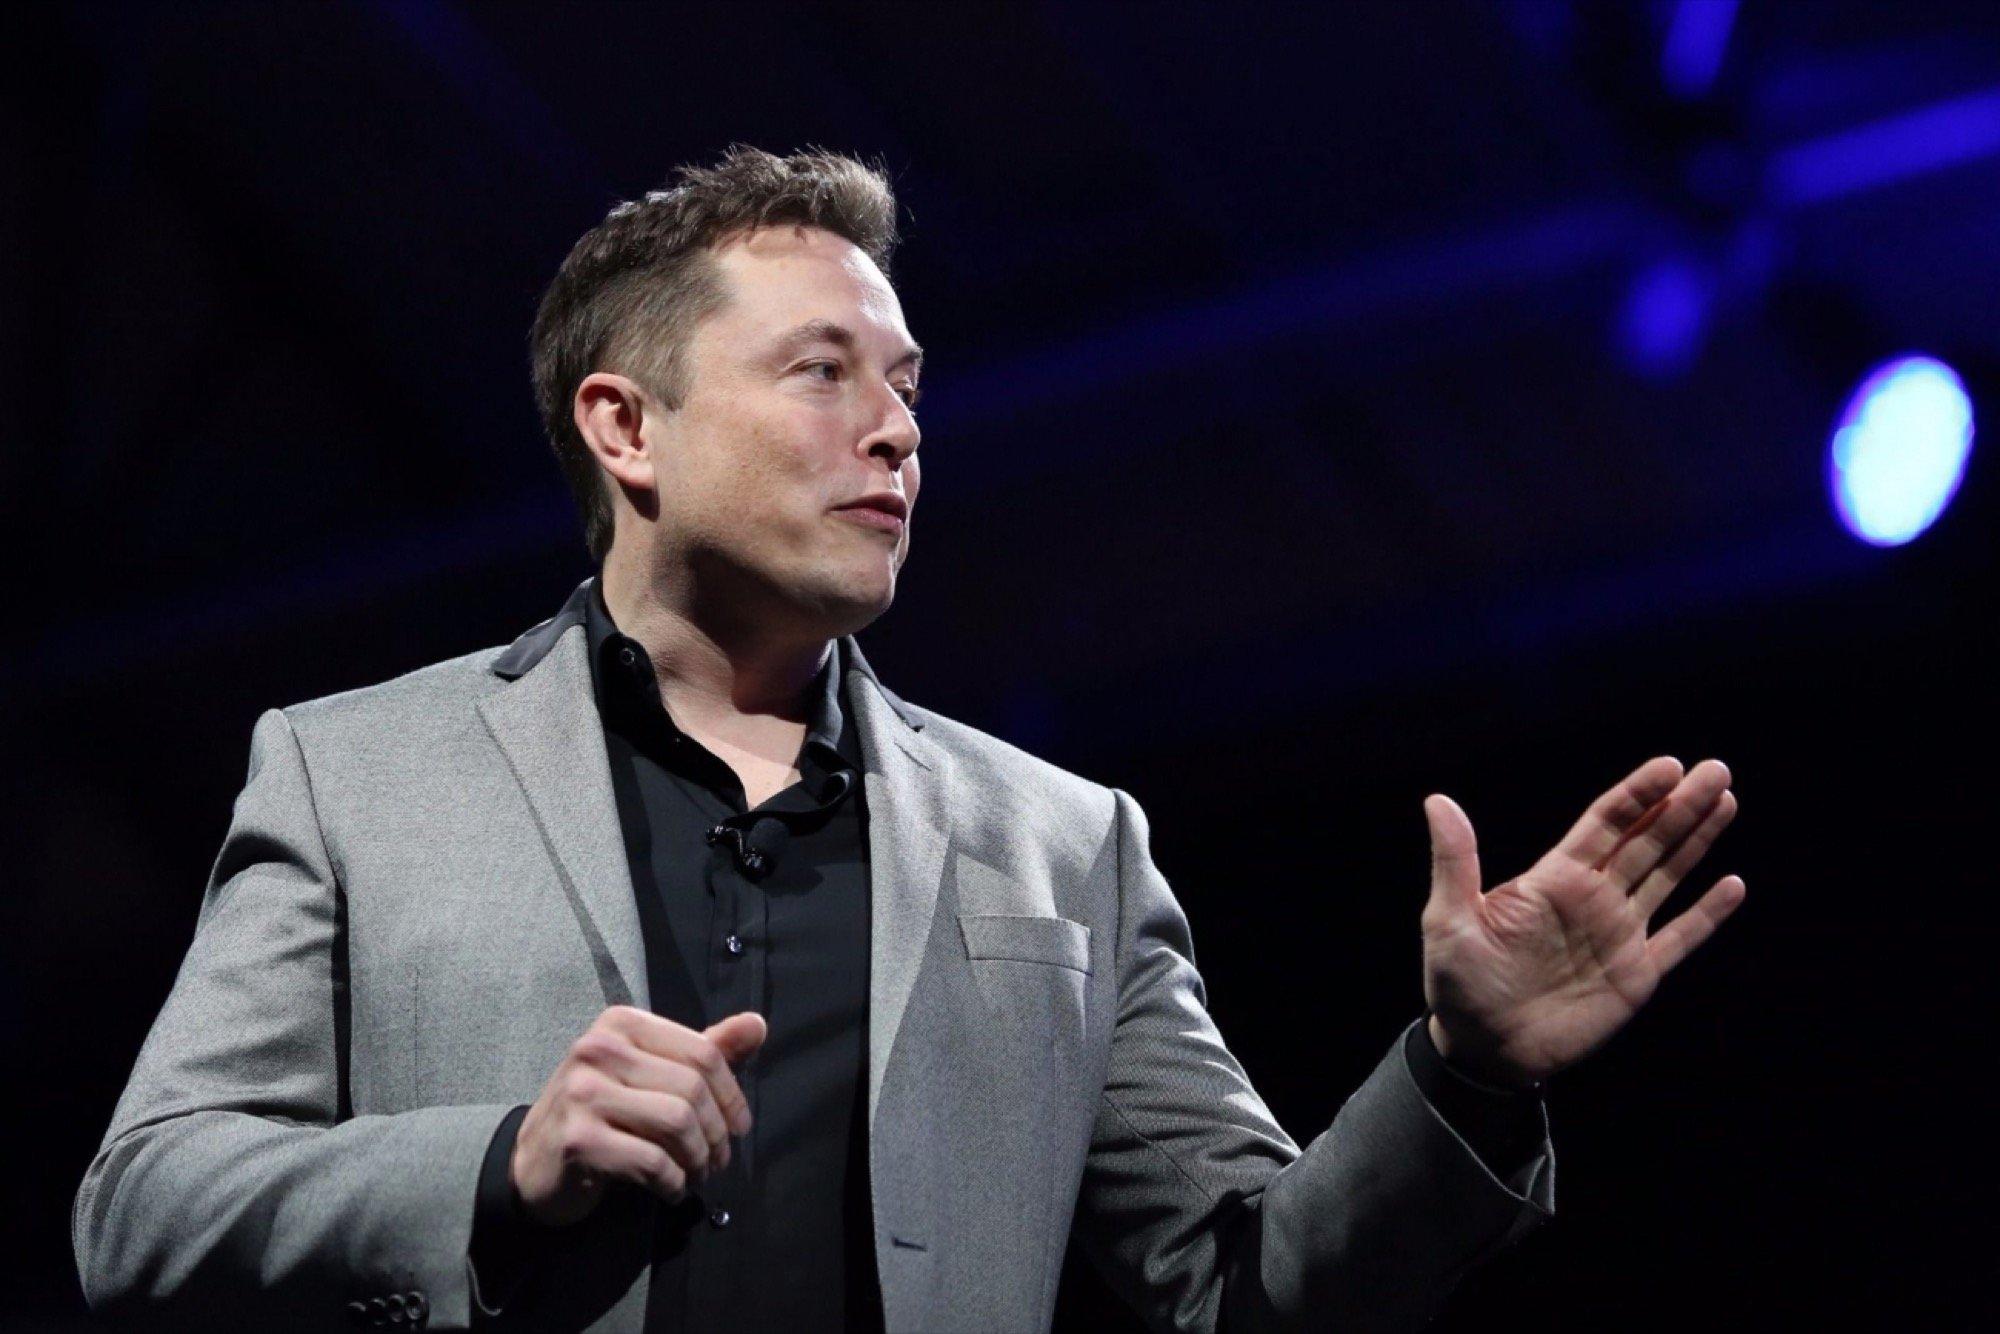 Elon Musk Mandalorian